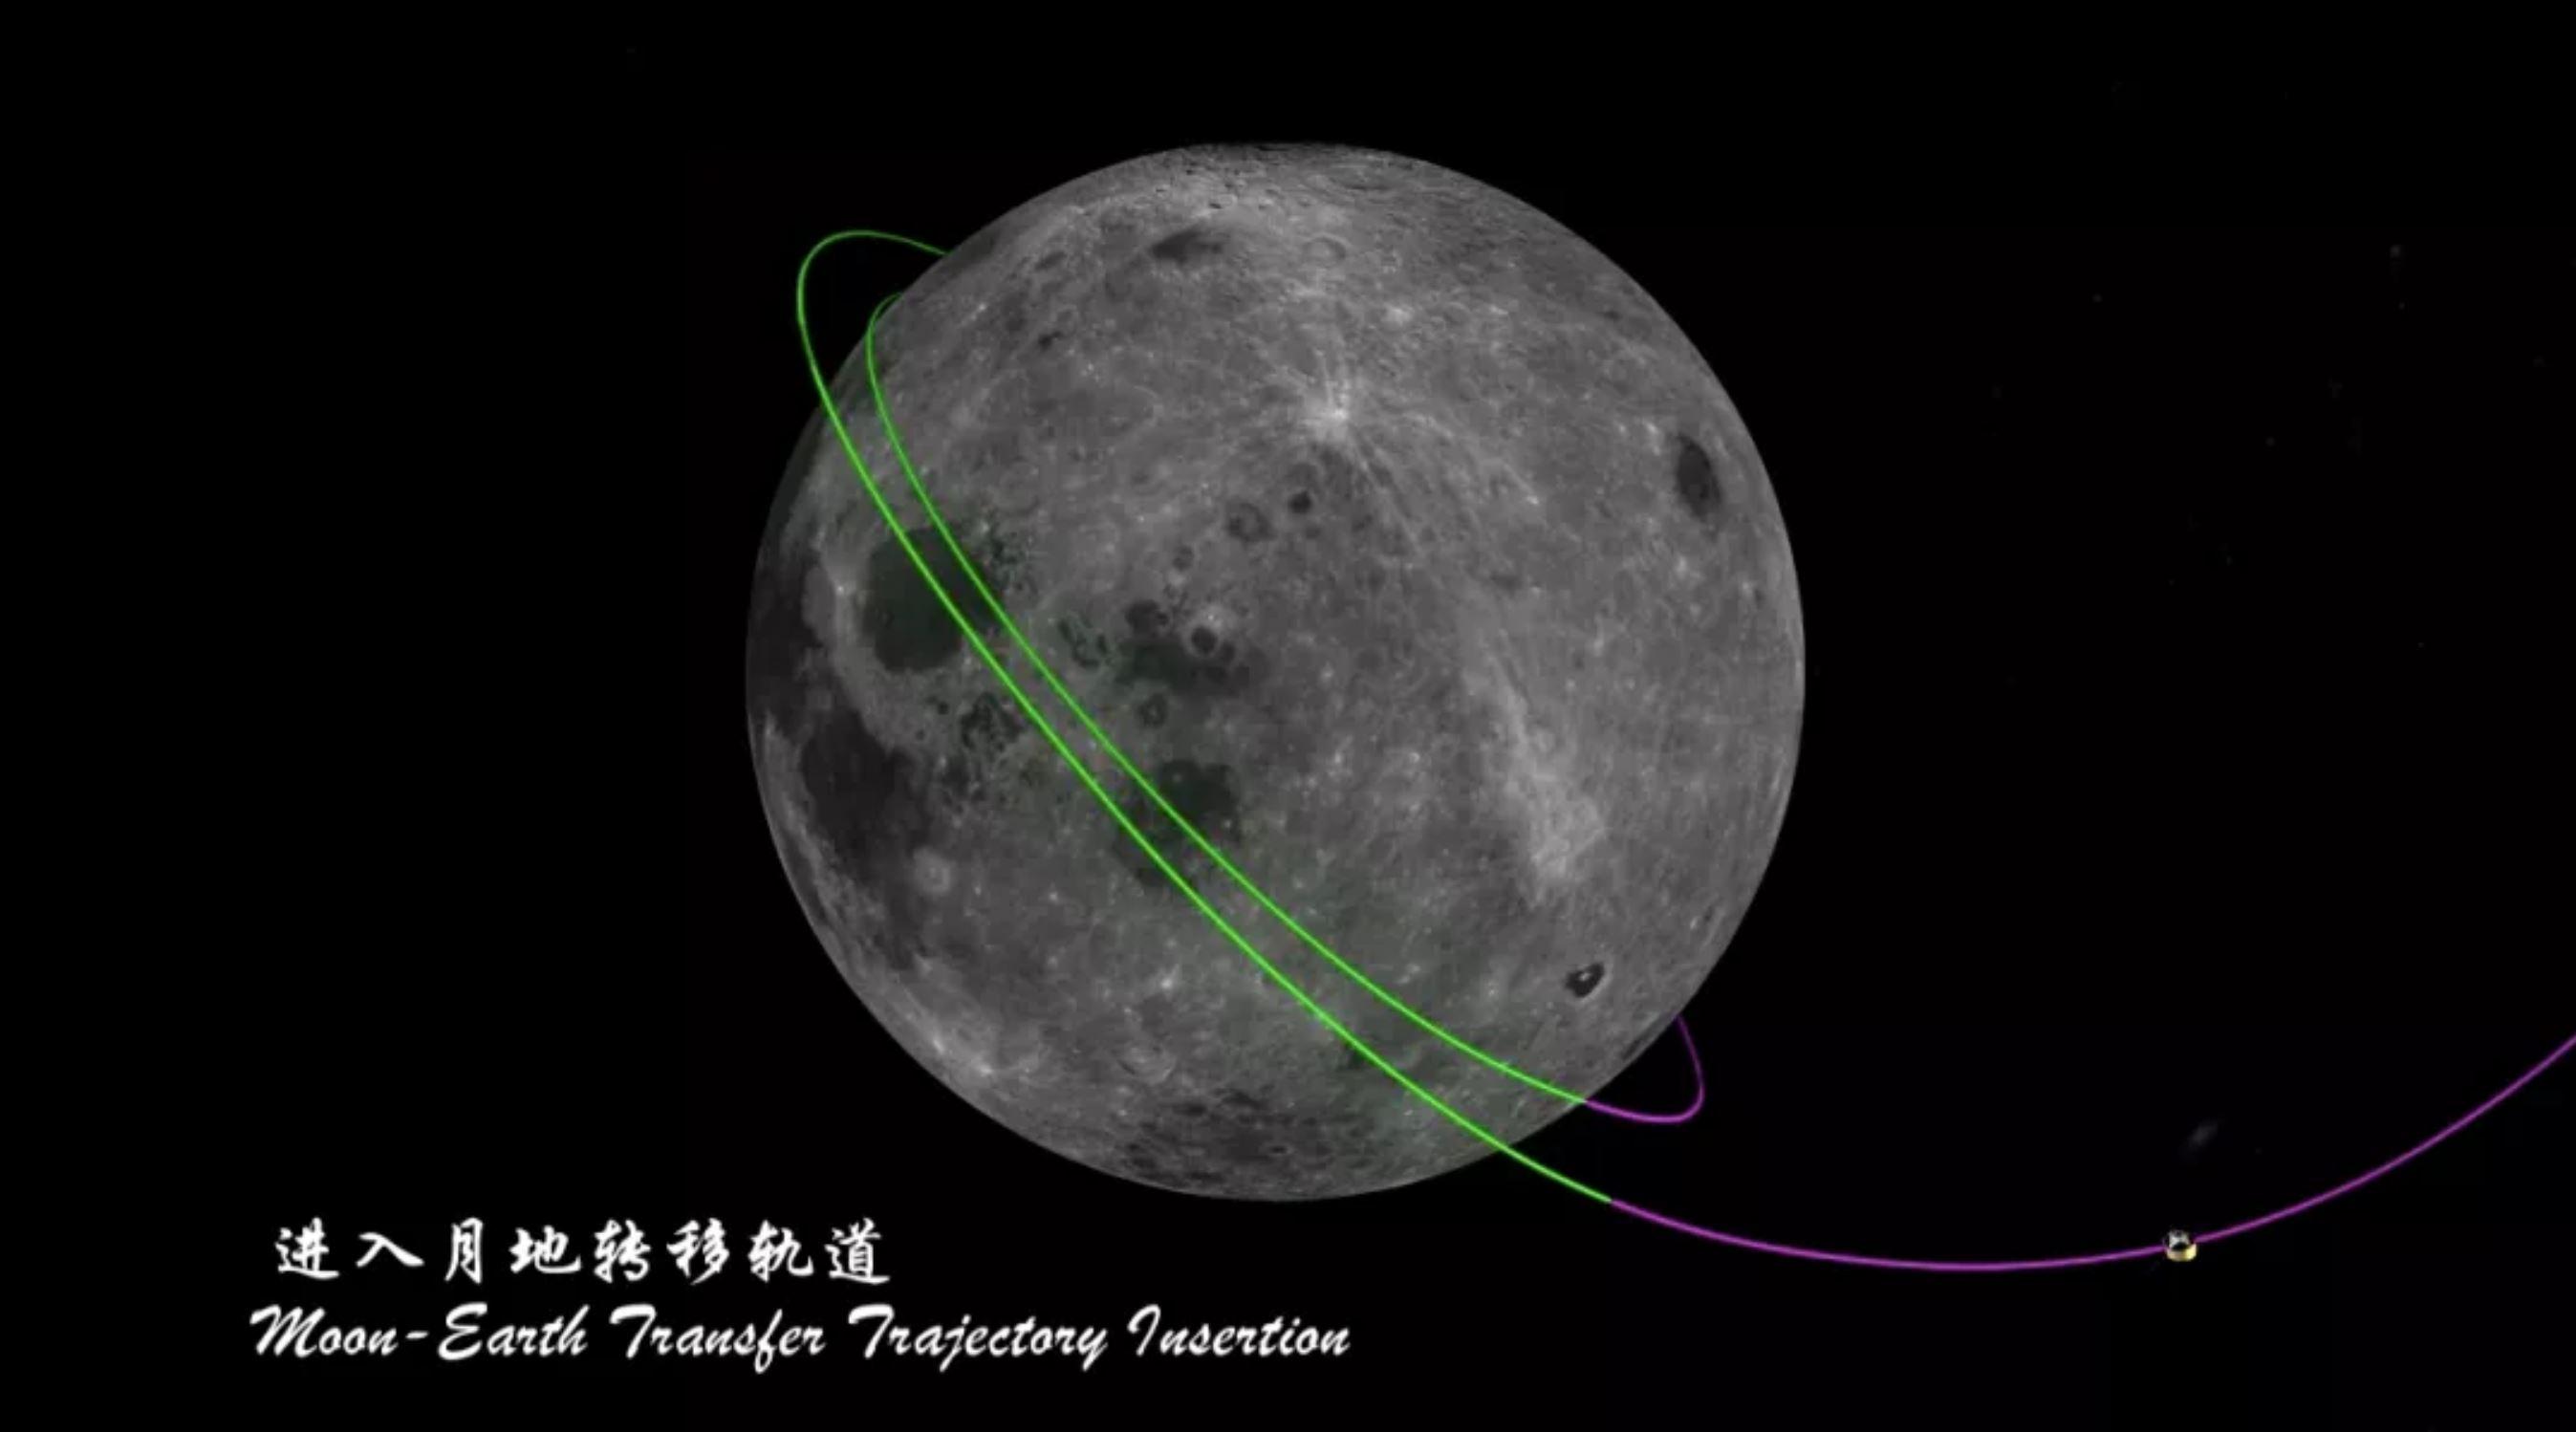 Représentation de l'orbiteur Chang'e 5 changeant de trajectoire pour retourner sur Terre.